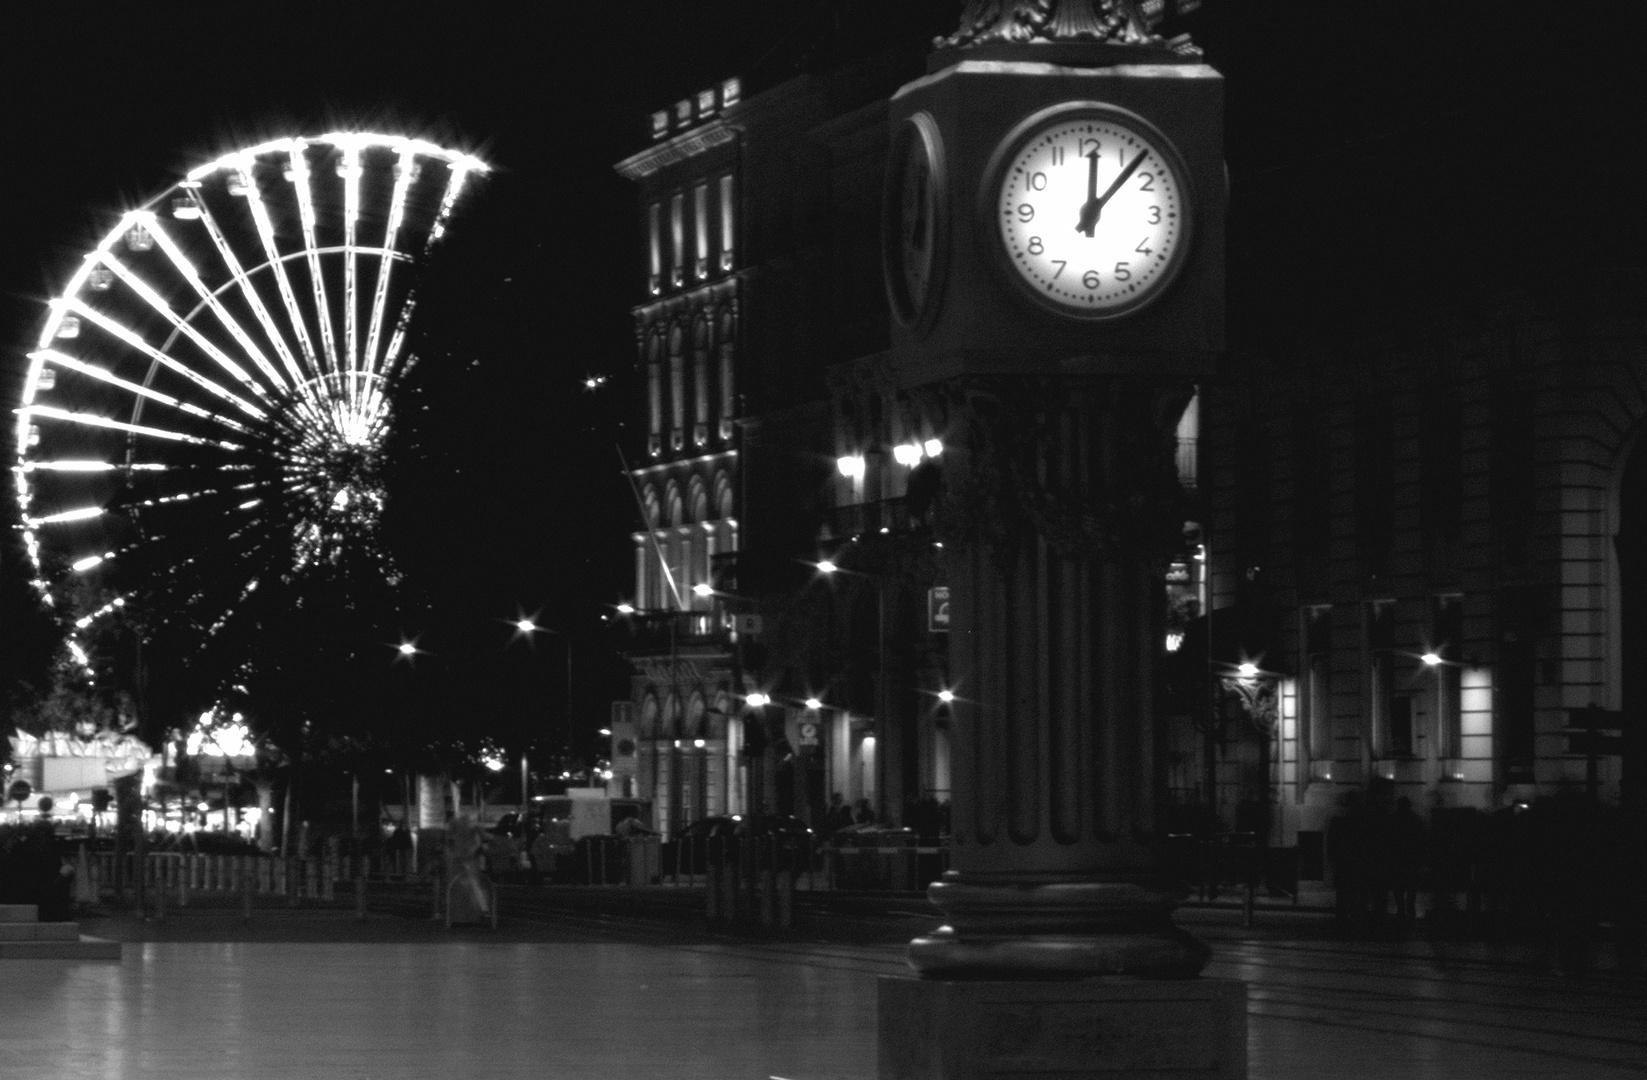 exercice photographique n°43 : les horloges